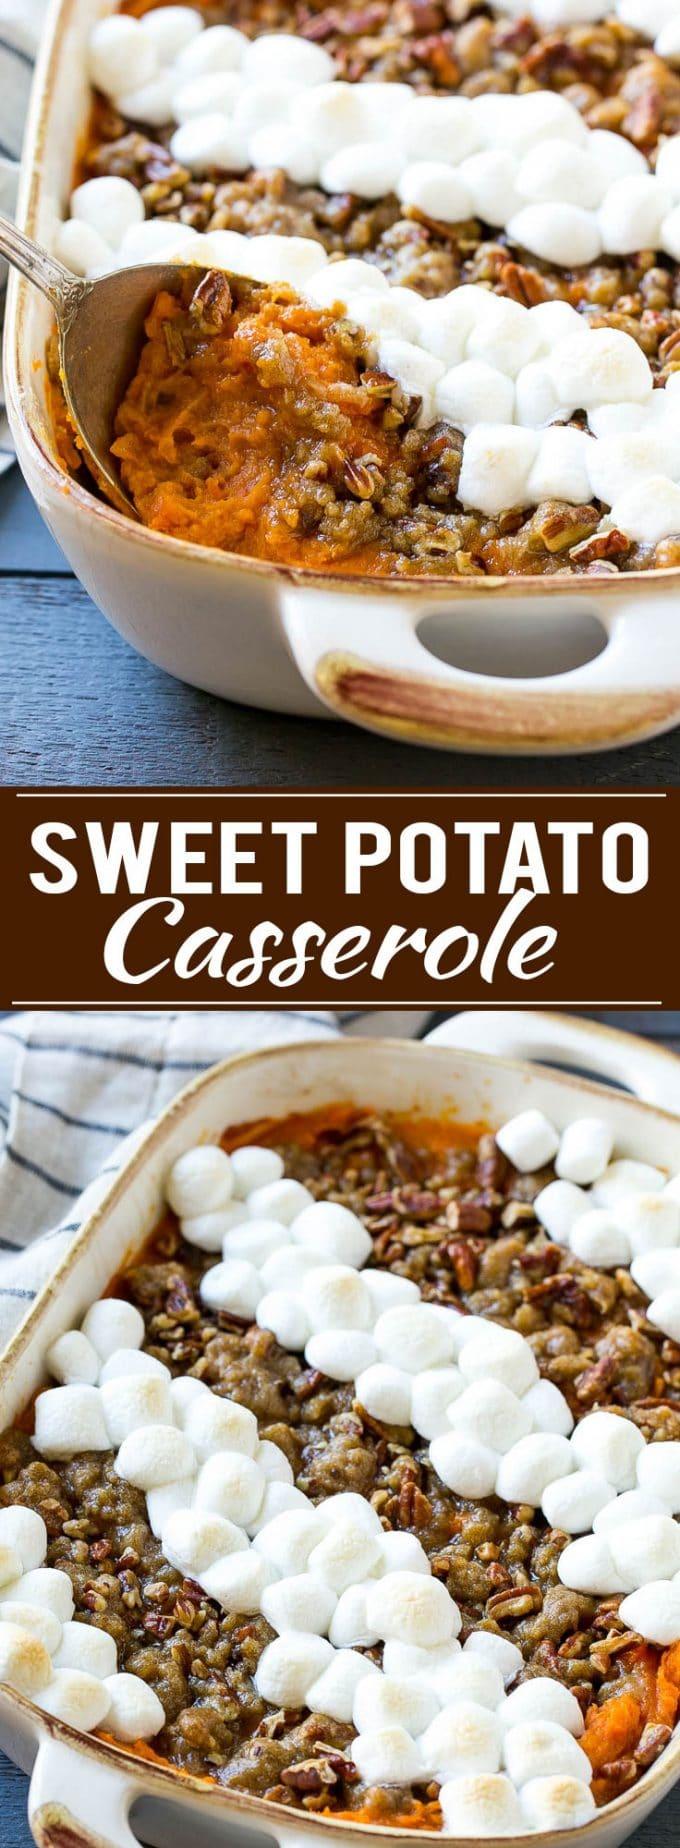 Sweet Potato Casserole with Marshmallows Recipe | Sweet Potato Casserole | Thanksgiving Side Dish #sweetpotatoes #casserole #marshmallow #sidedish #thanksgiving #fall #dinner #dinneratthezoo